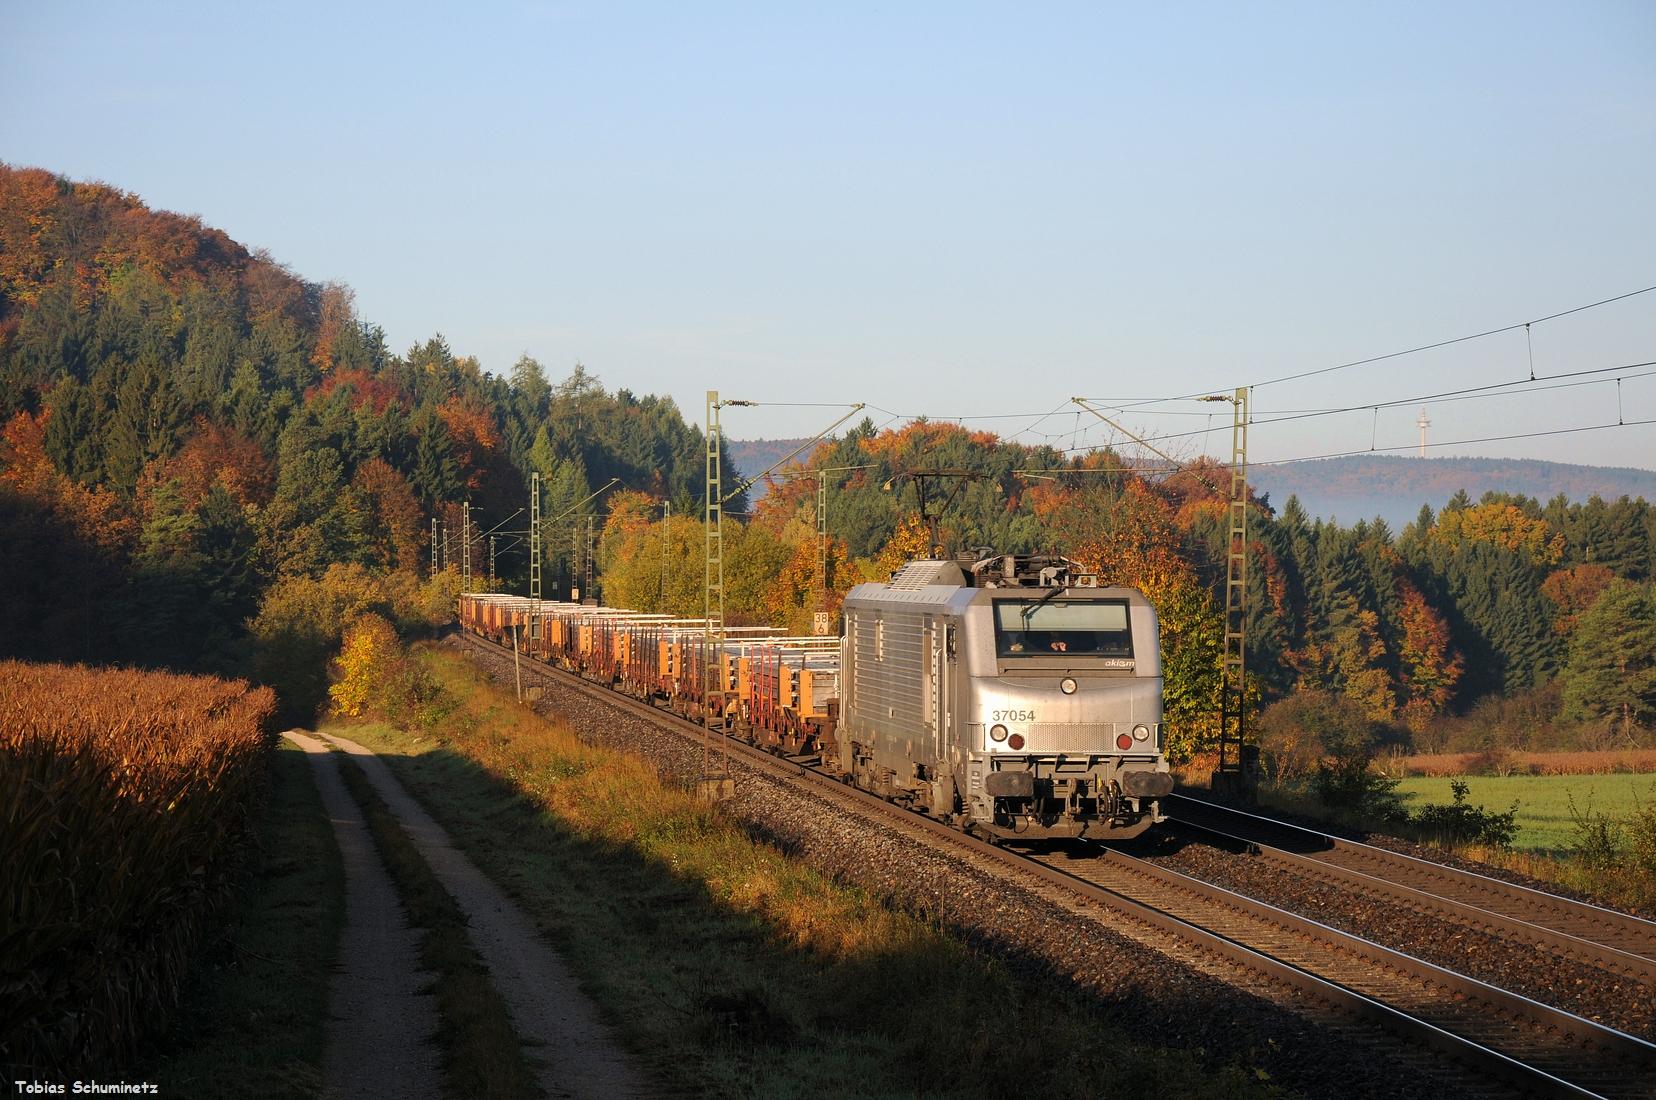 Los gings am 14. Oktober bei Parsberg mit der AKIEM 37054 welche einen Langschienenzug in Richtung Osten beförderte.